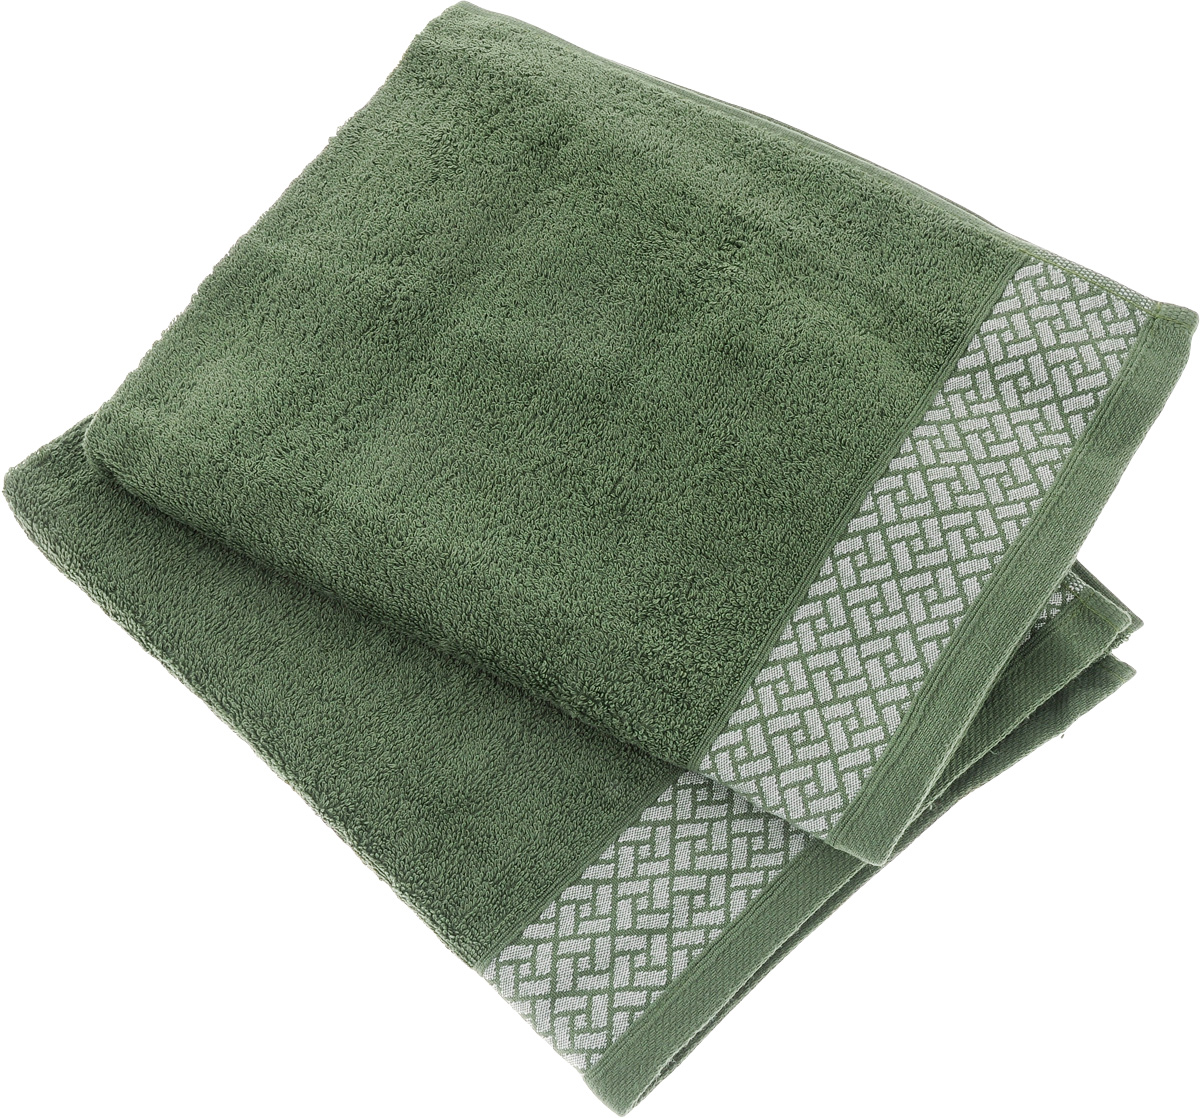 Набор полотенец Tete-a-Tete Лабиринт, цвет: зеленый, 2 шт. УНП-105УП-010-03кНабор Tete-a-Tete Лабиринт состоит из двух махровыхполотенец, выполненных из натурального 100% хлопка.Изделия мягкие, отлично впитывают влагу, быстро сохнут,сохраняют яркость цвета и не теряют форму даже послемногократных стирок. Данный дизайн был разработан, как мужская линейка, - строгиенасыщенные цвета и геометрический рисунок на бордюре.Набор полотенец Tete-a-Tete Лабиринт станетпрекрасным дополнением в дизайне ванной комнаты.